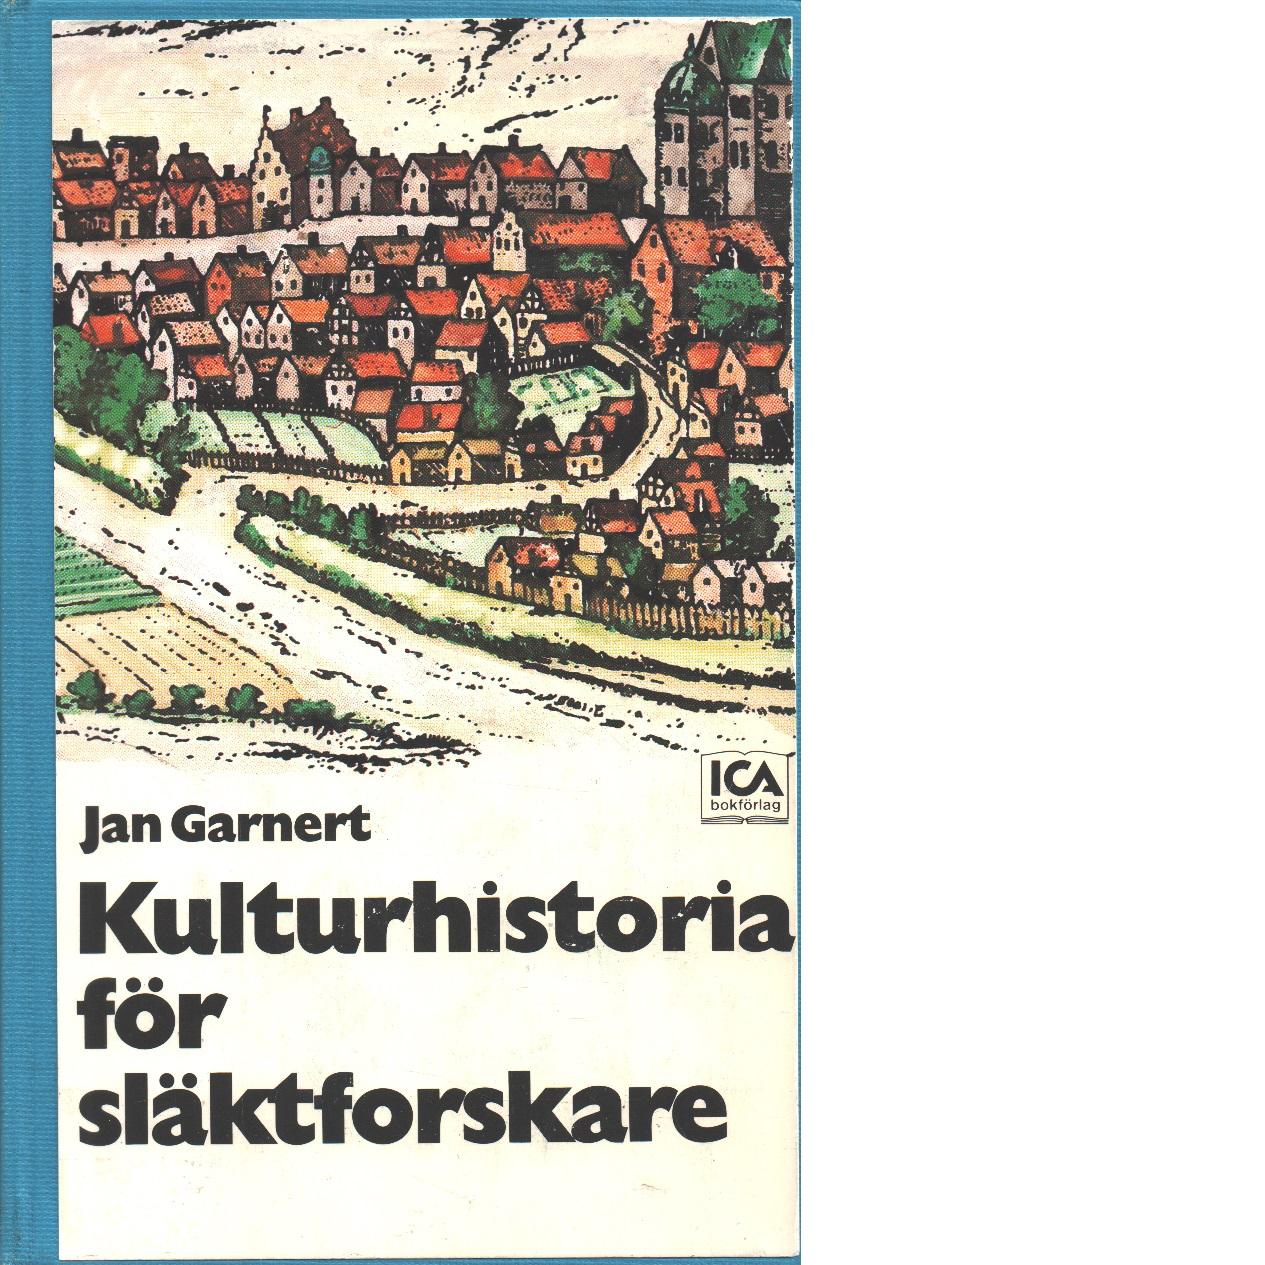 Kulturhistoria för släktforskare : vägledning till arkiv och litteratur, museer och hembygdsgårdar - Garnert, Jan